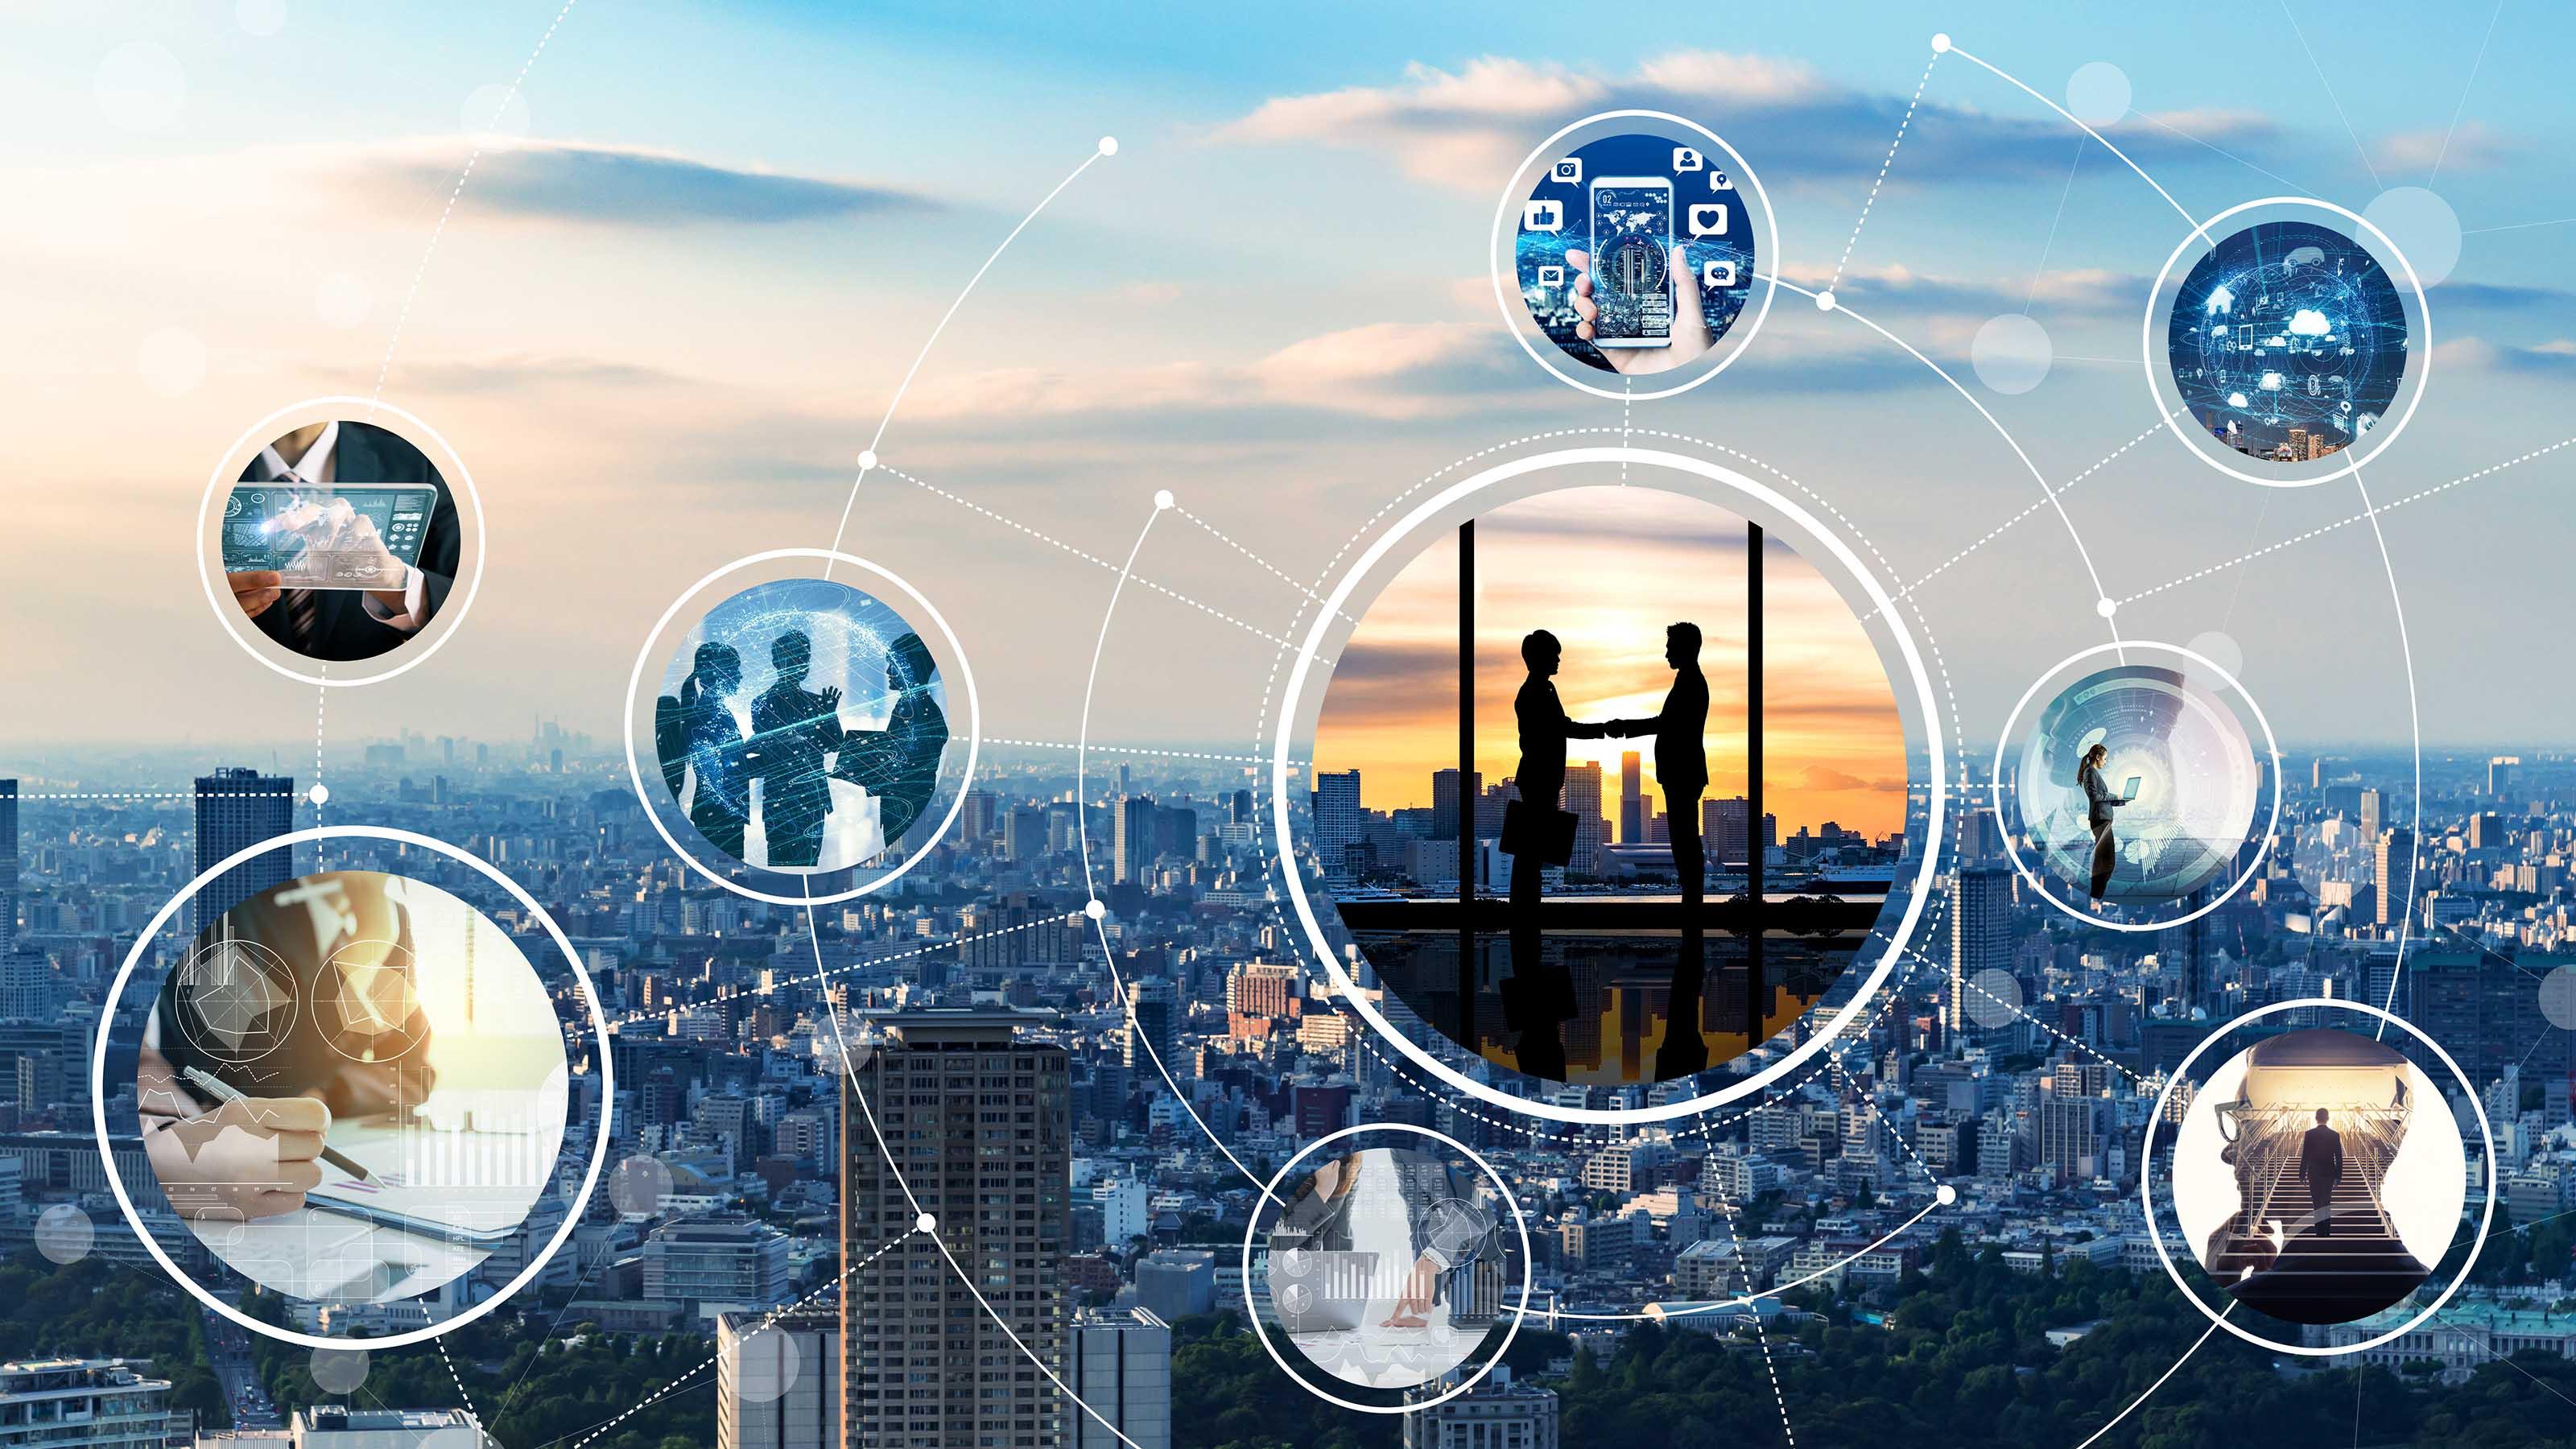 5 Best Communication Services Stocks to Buy for 2021 | Kiplinger